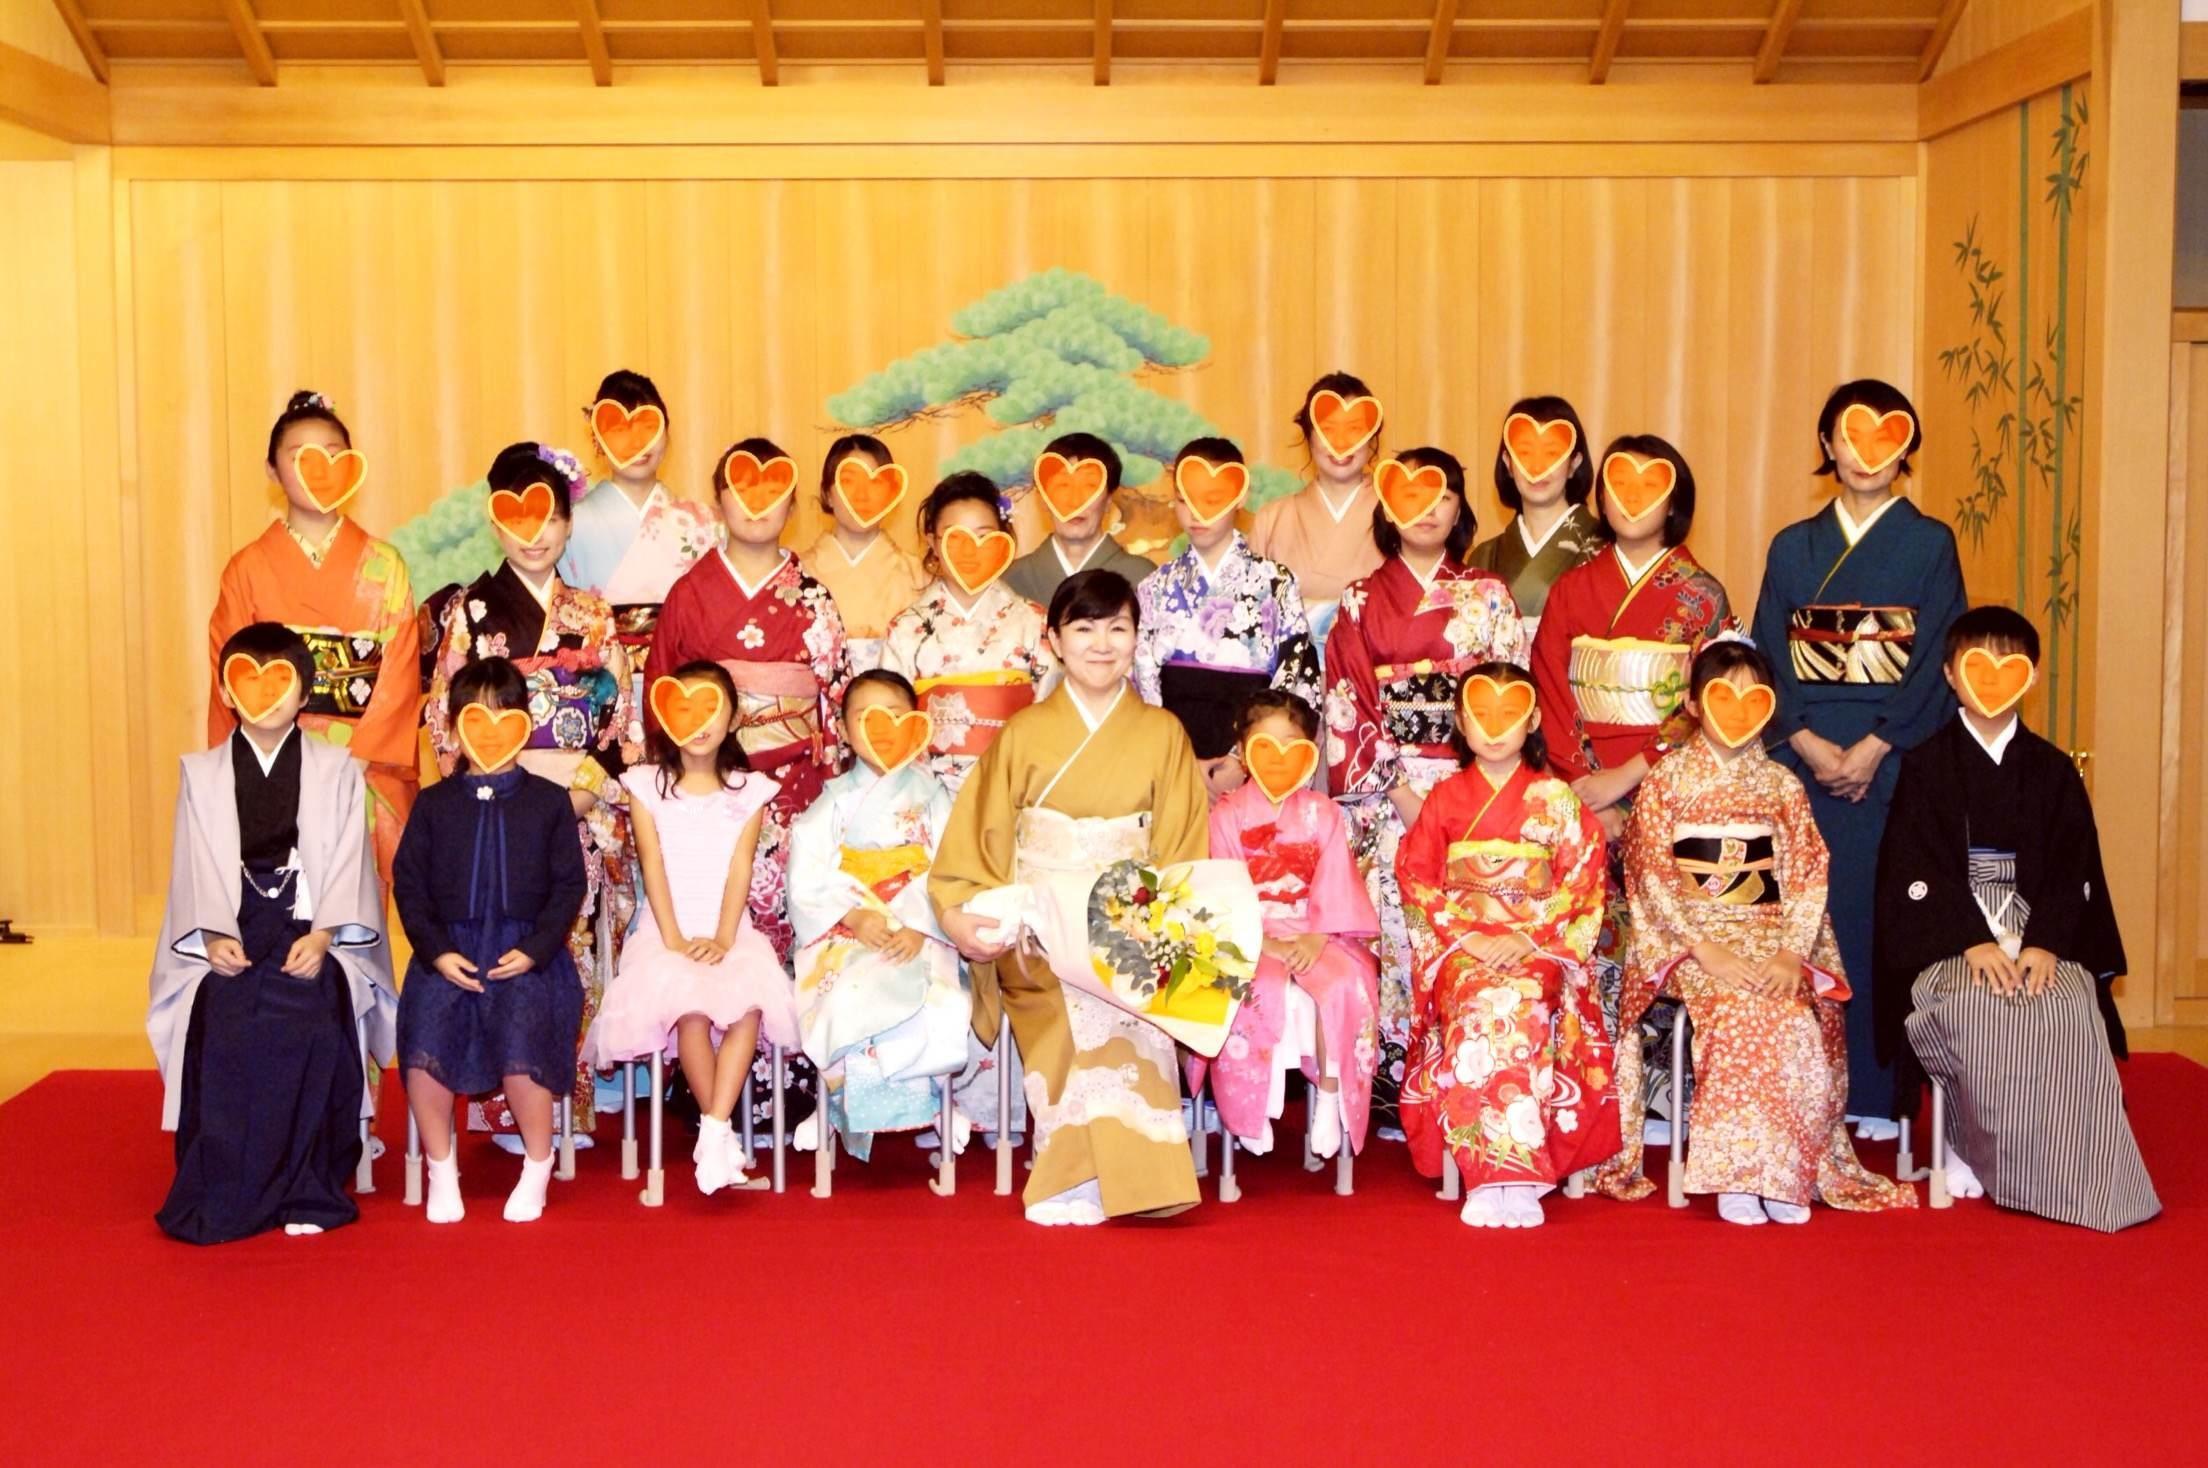 お箏(琴)と三味線の教室Salon de koto 横浜都筑校